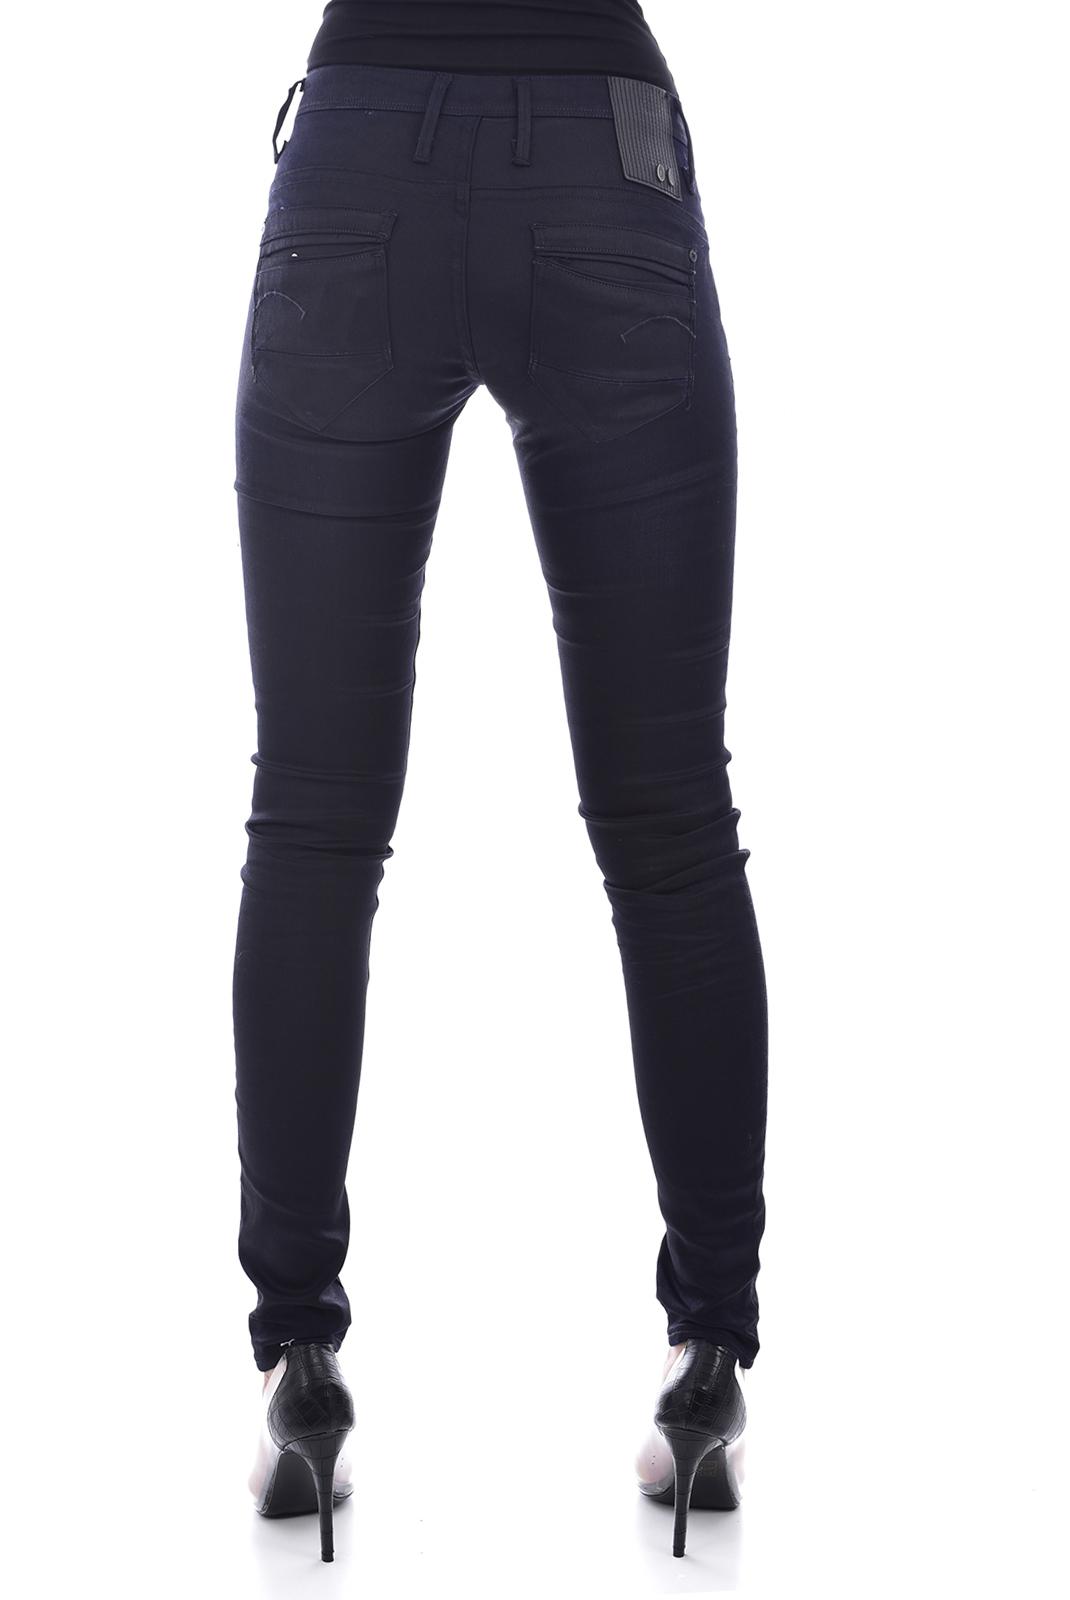 Jeans   G-star 60826.5245.89 BLEU